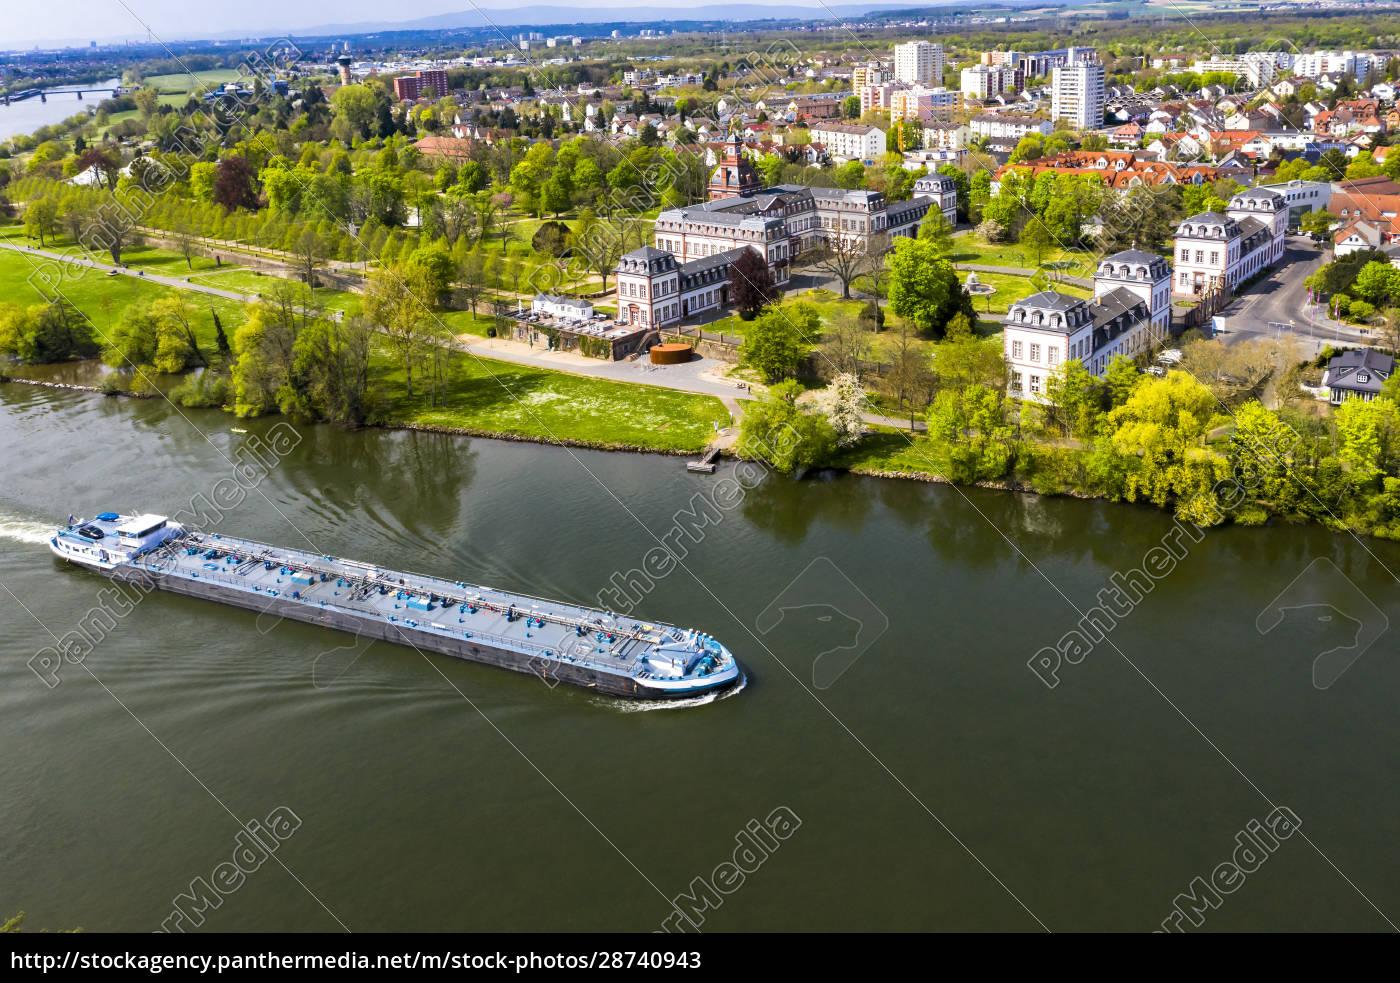 deutschland, hessen, hanau, helikopteransicht, des, binnenschiffs, der, im, sommer, die - 28740943